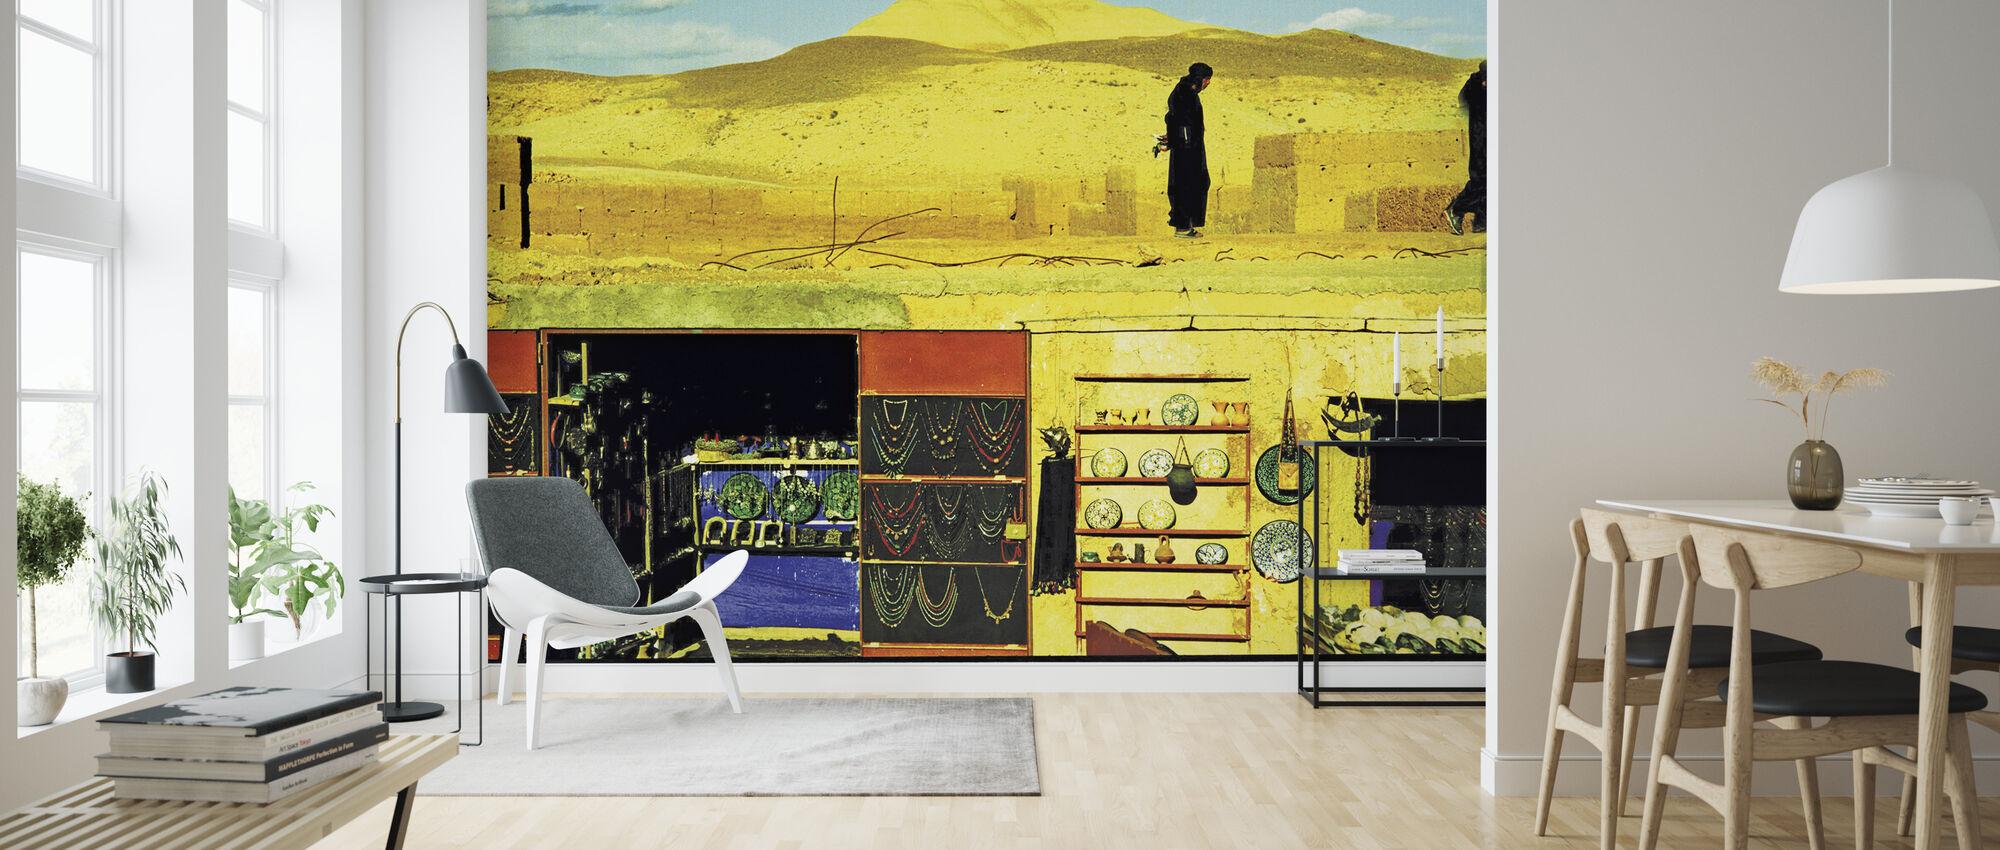 Saharassa - Tapetti - Olohuone